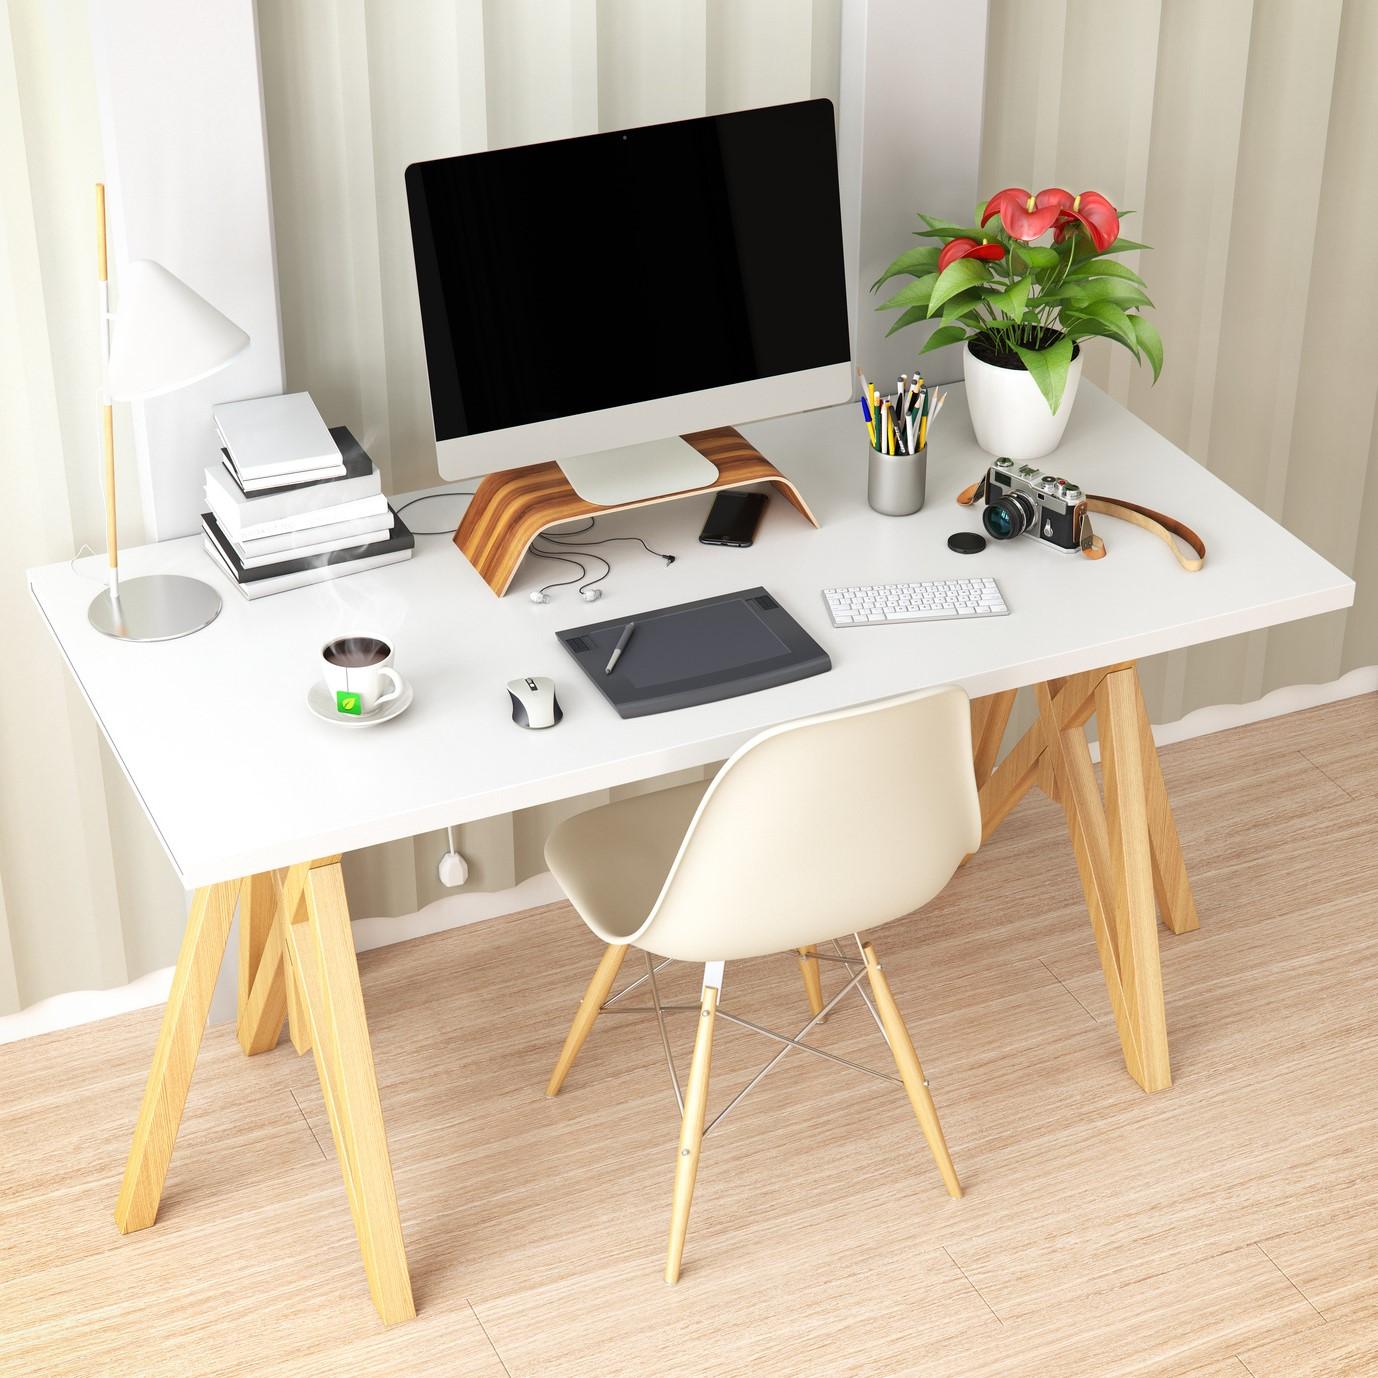 De cette façon, vous commencerez votre journée de travail avec un bureau organisé.